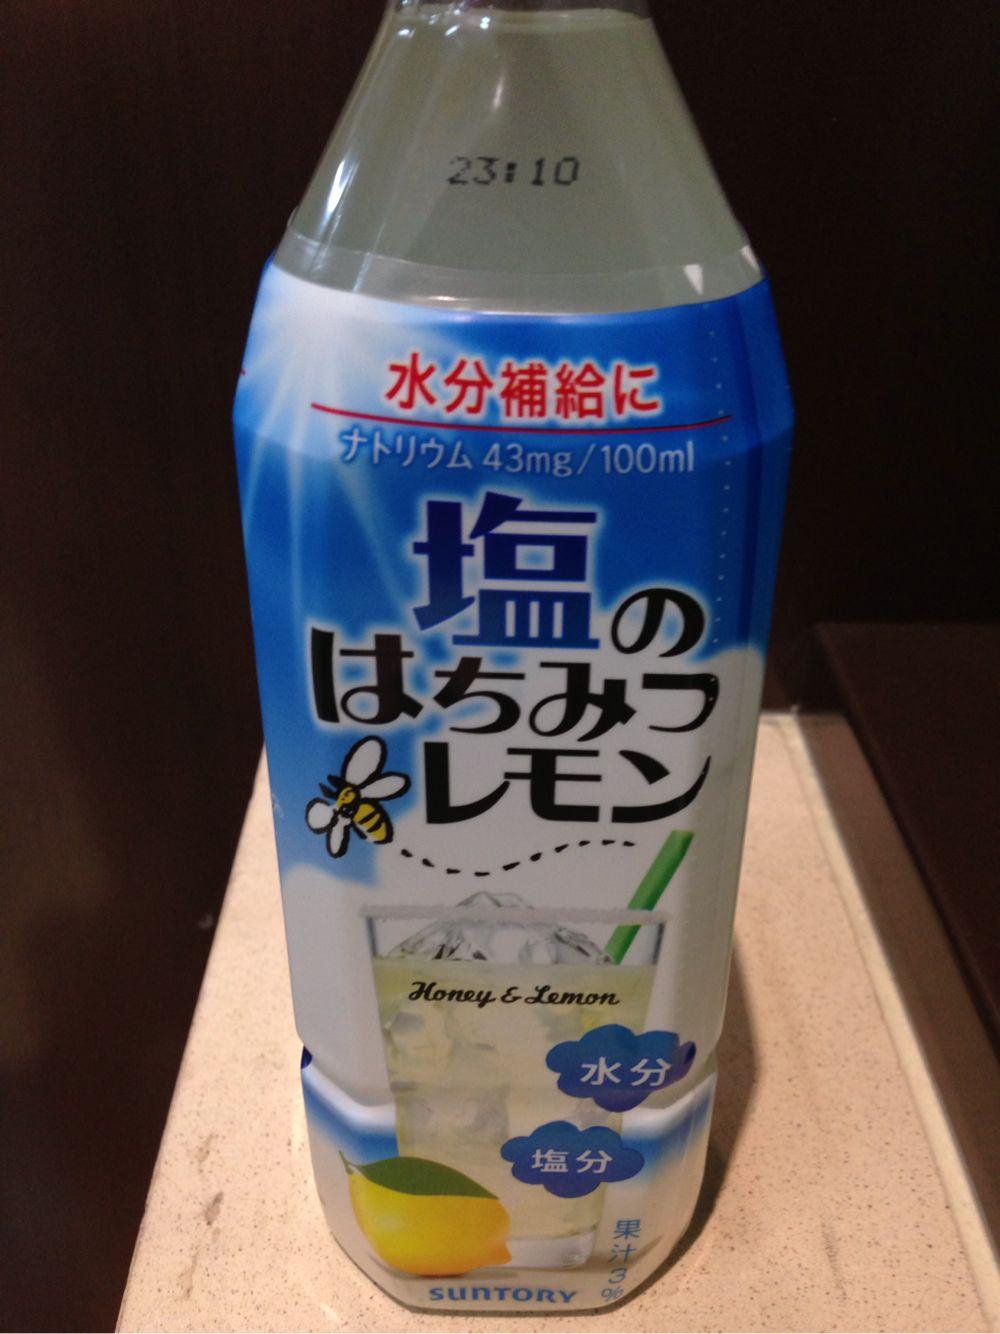 【ドリンク評:204】SUNTORY 塩のはちみつレモン~猛暑対応の夏のはちみつレモンは塩分濃いめで身体に浸透!~